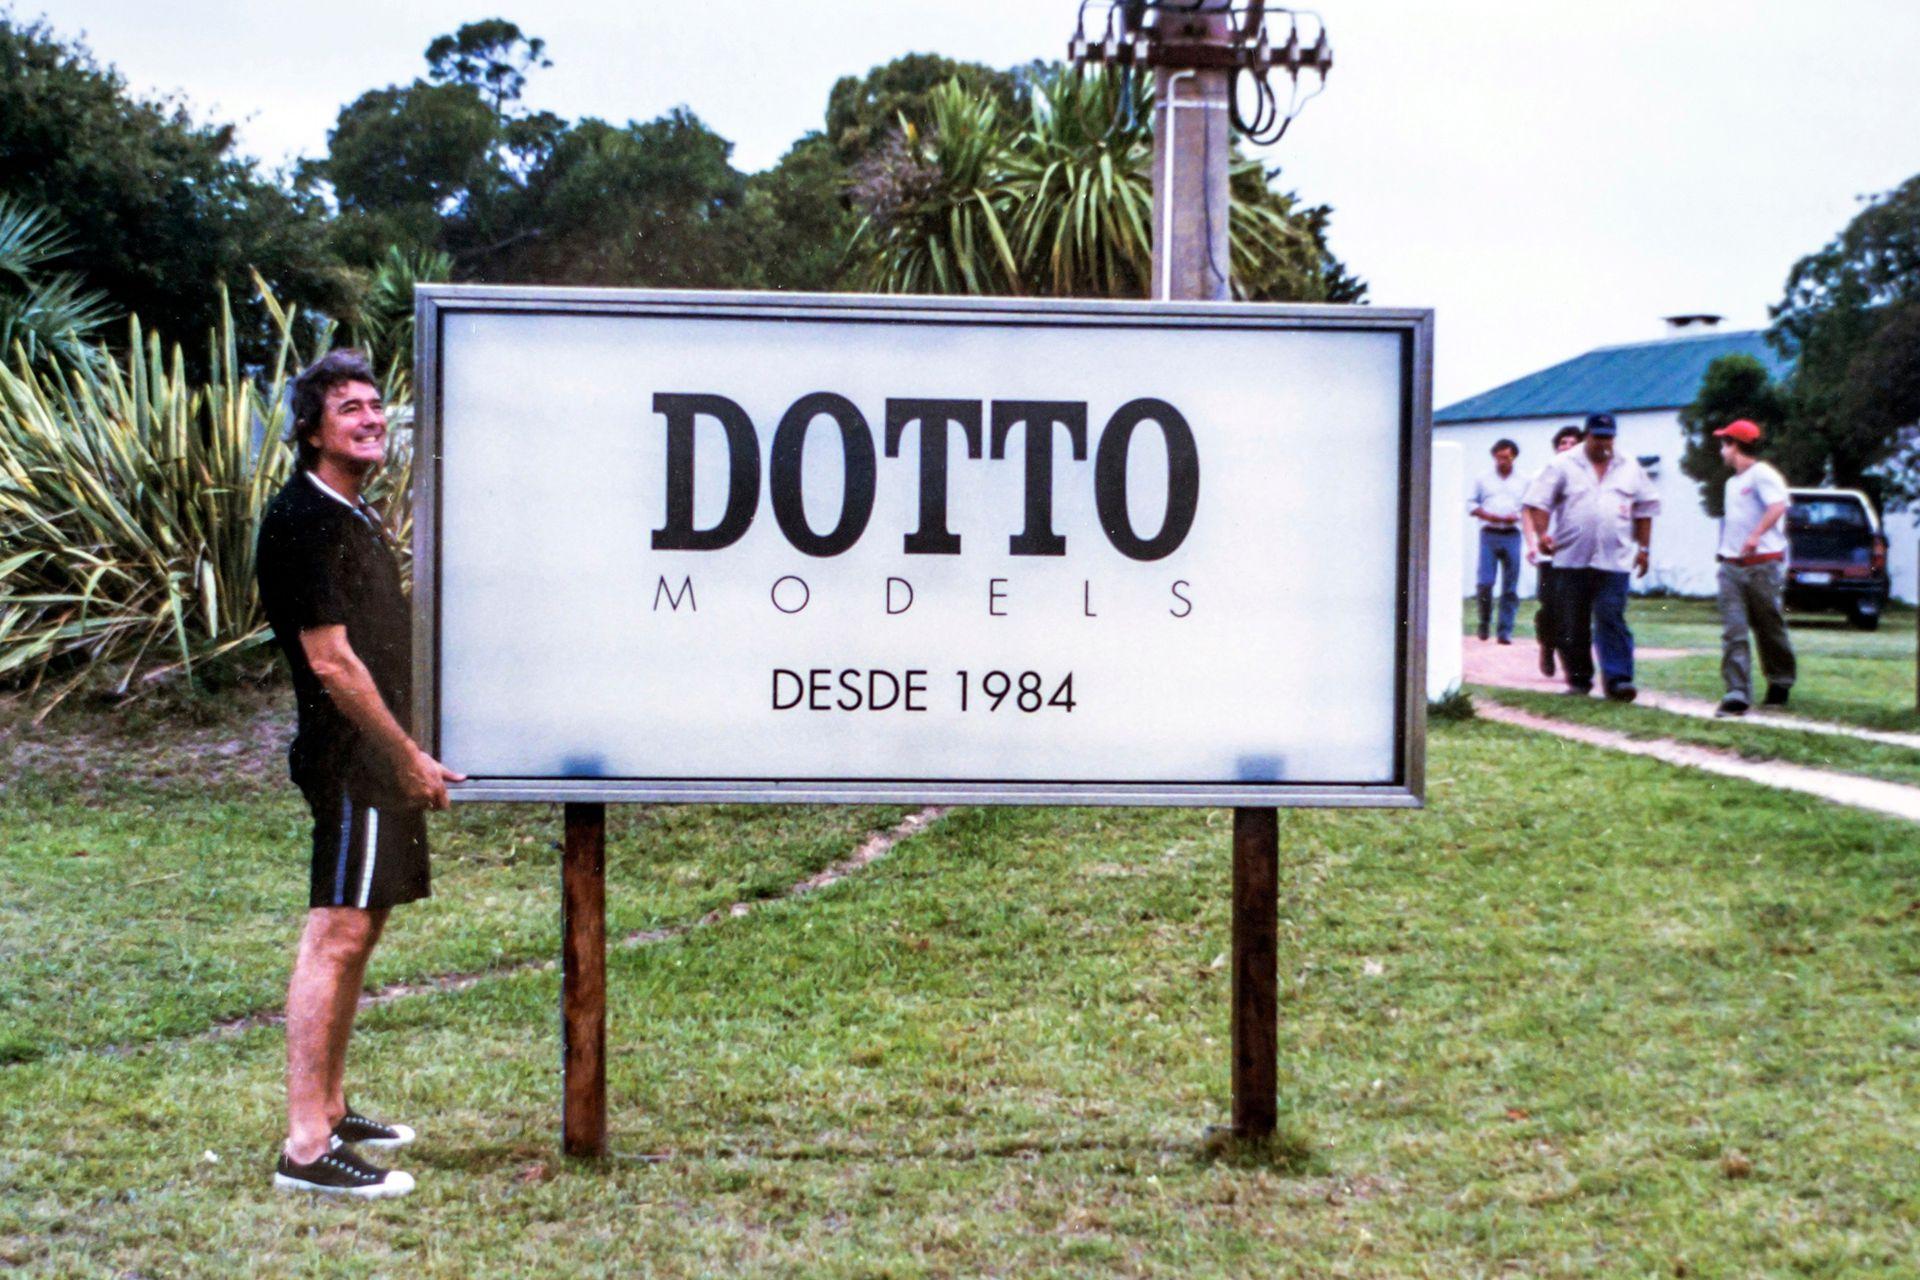 Pancho Dotto con el cartel de la escuela de modelos